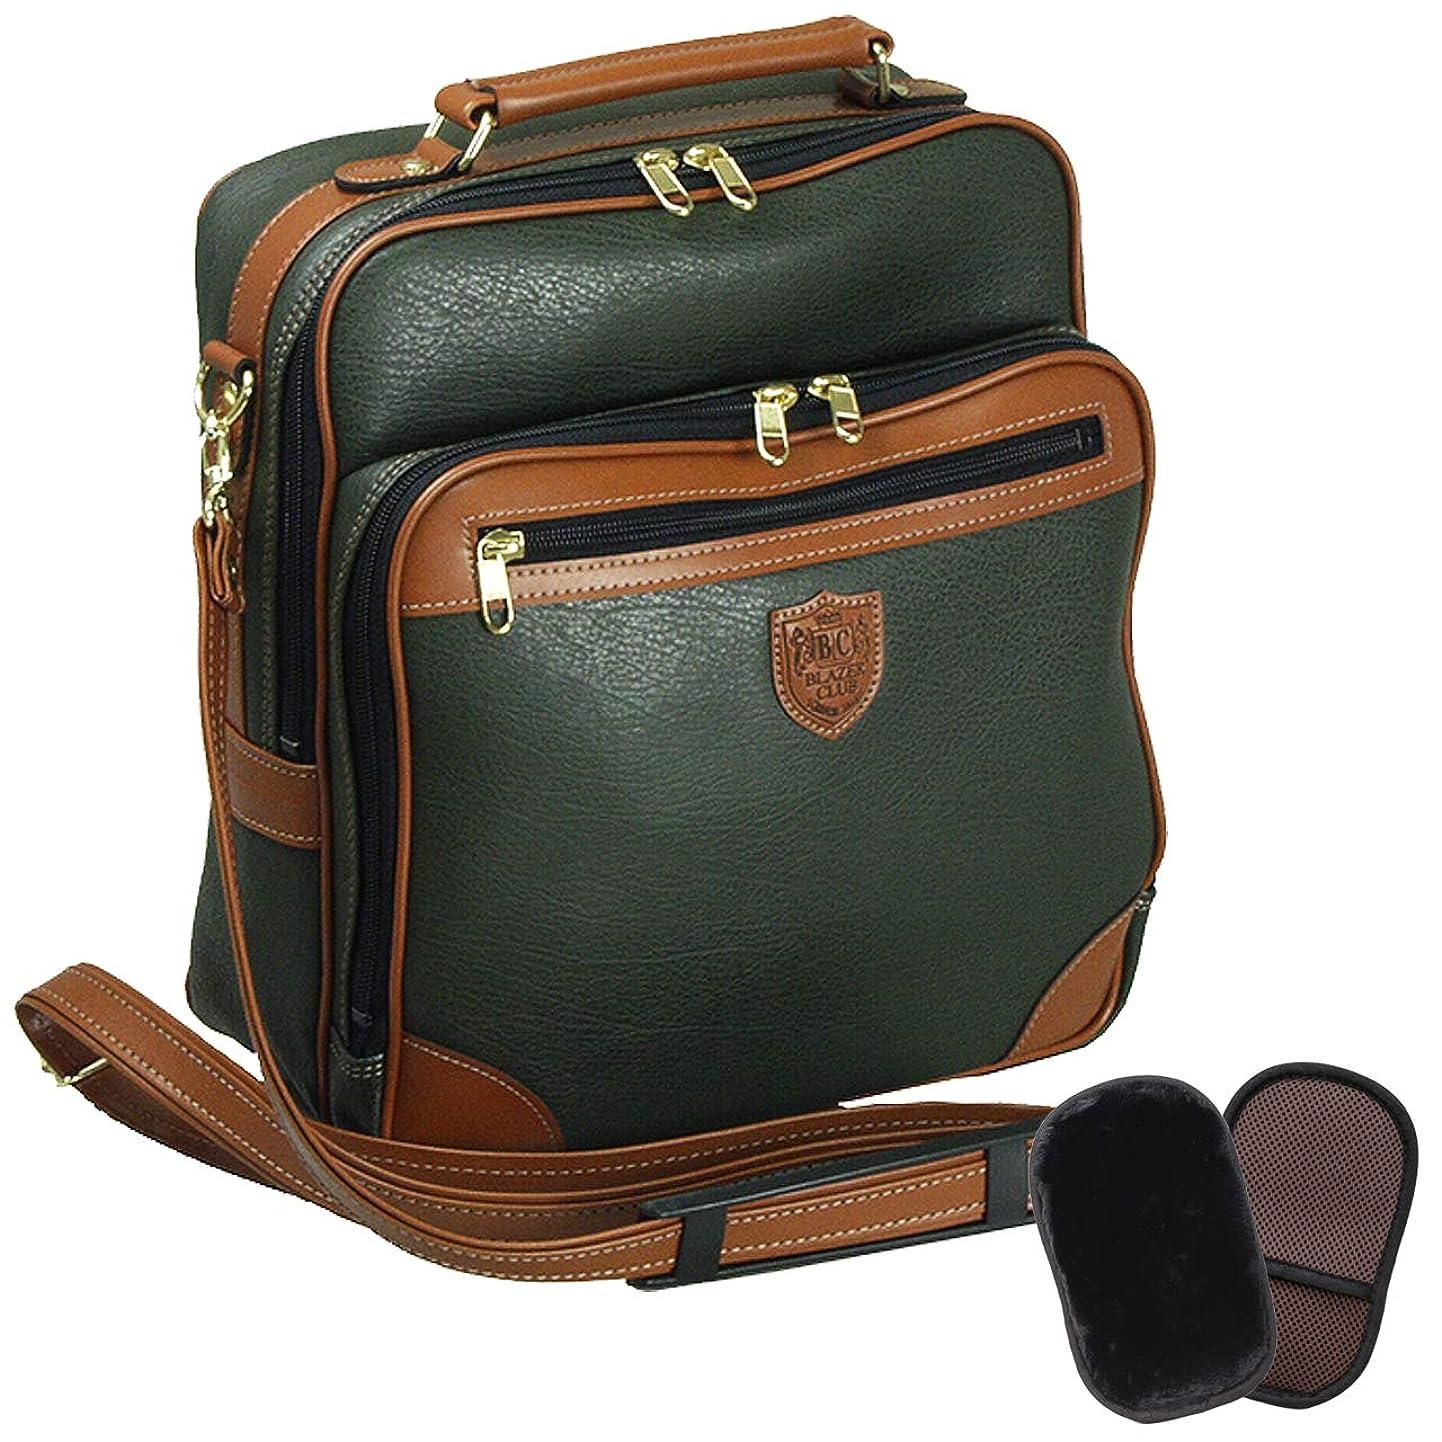 自分を引き上げるメタリック処理する国産 ショルダーバッグ メンズ 斜めがけ 縦型 旅行 ビジネス A4 27cm +ムートングローブ